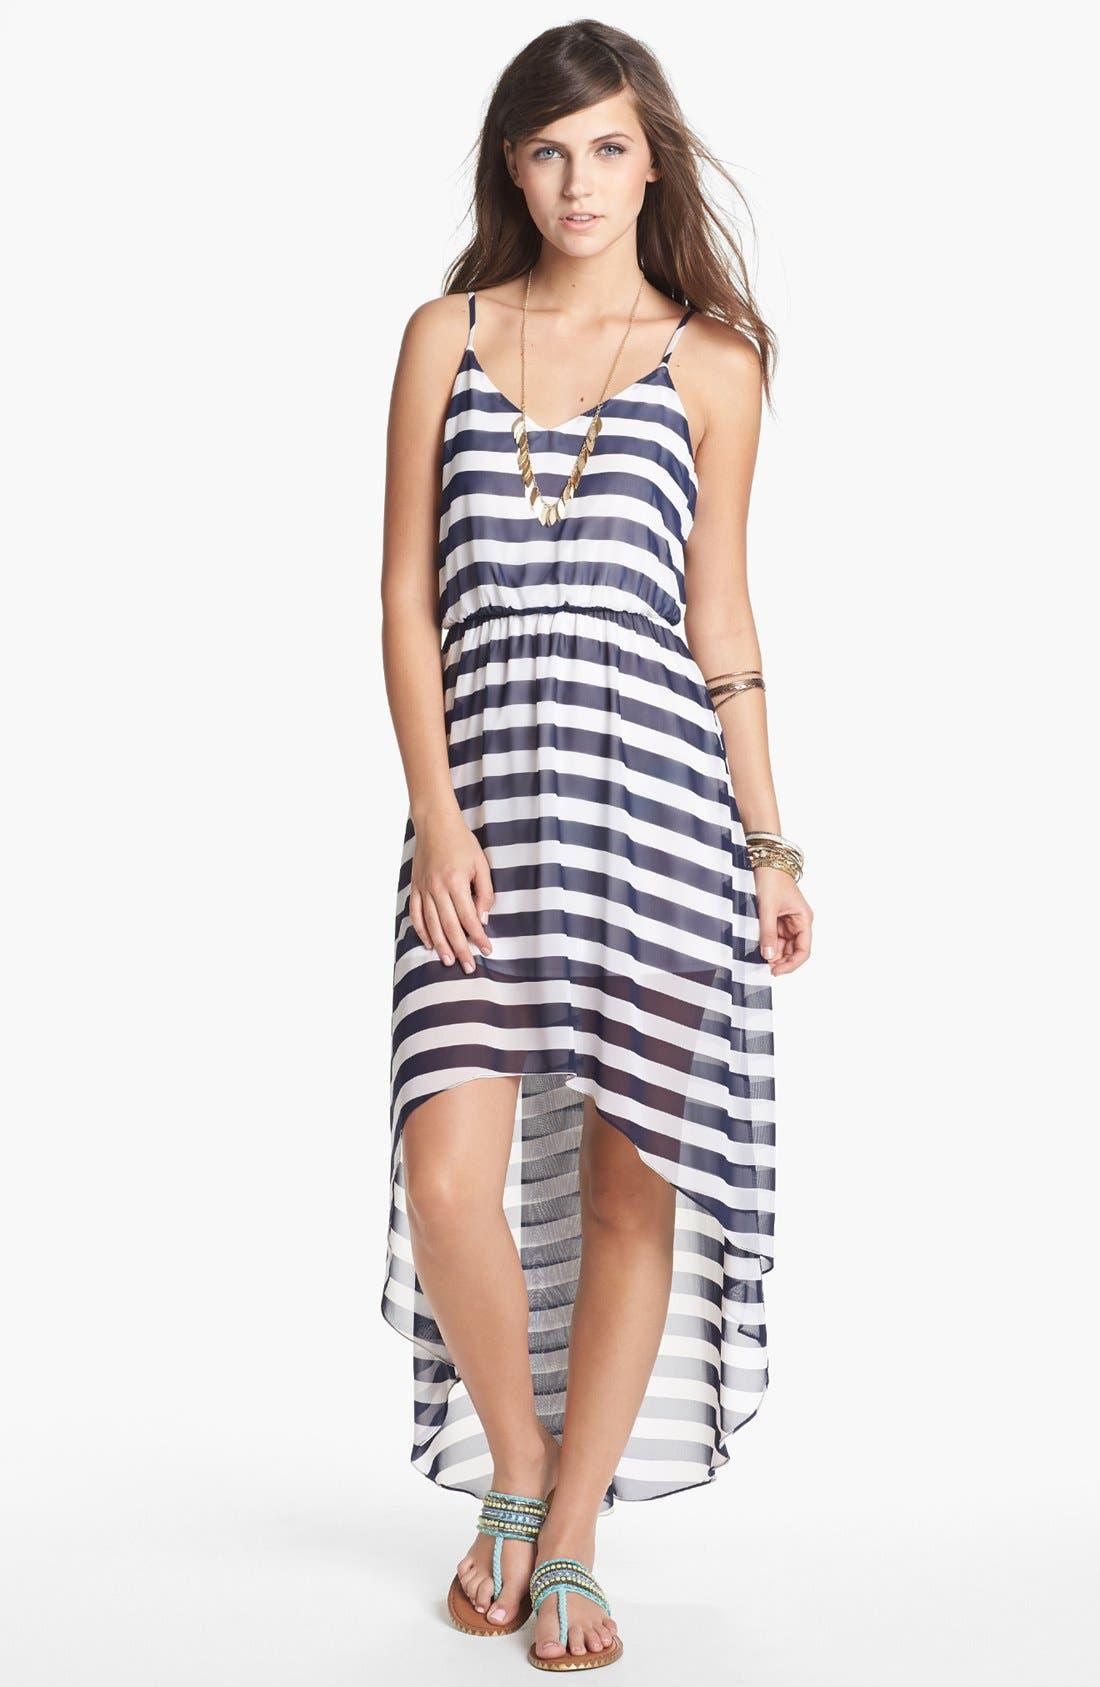 Alternate Image 1 Selected - Soprano Print High/Low Dress (Juniors)